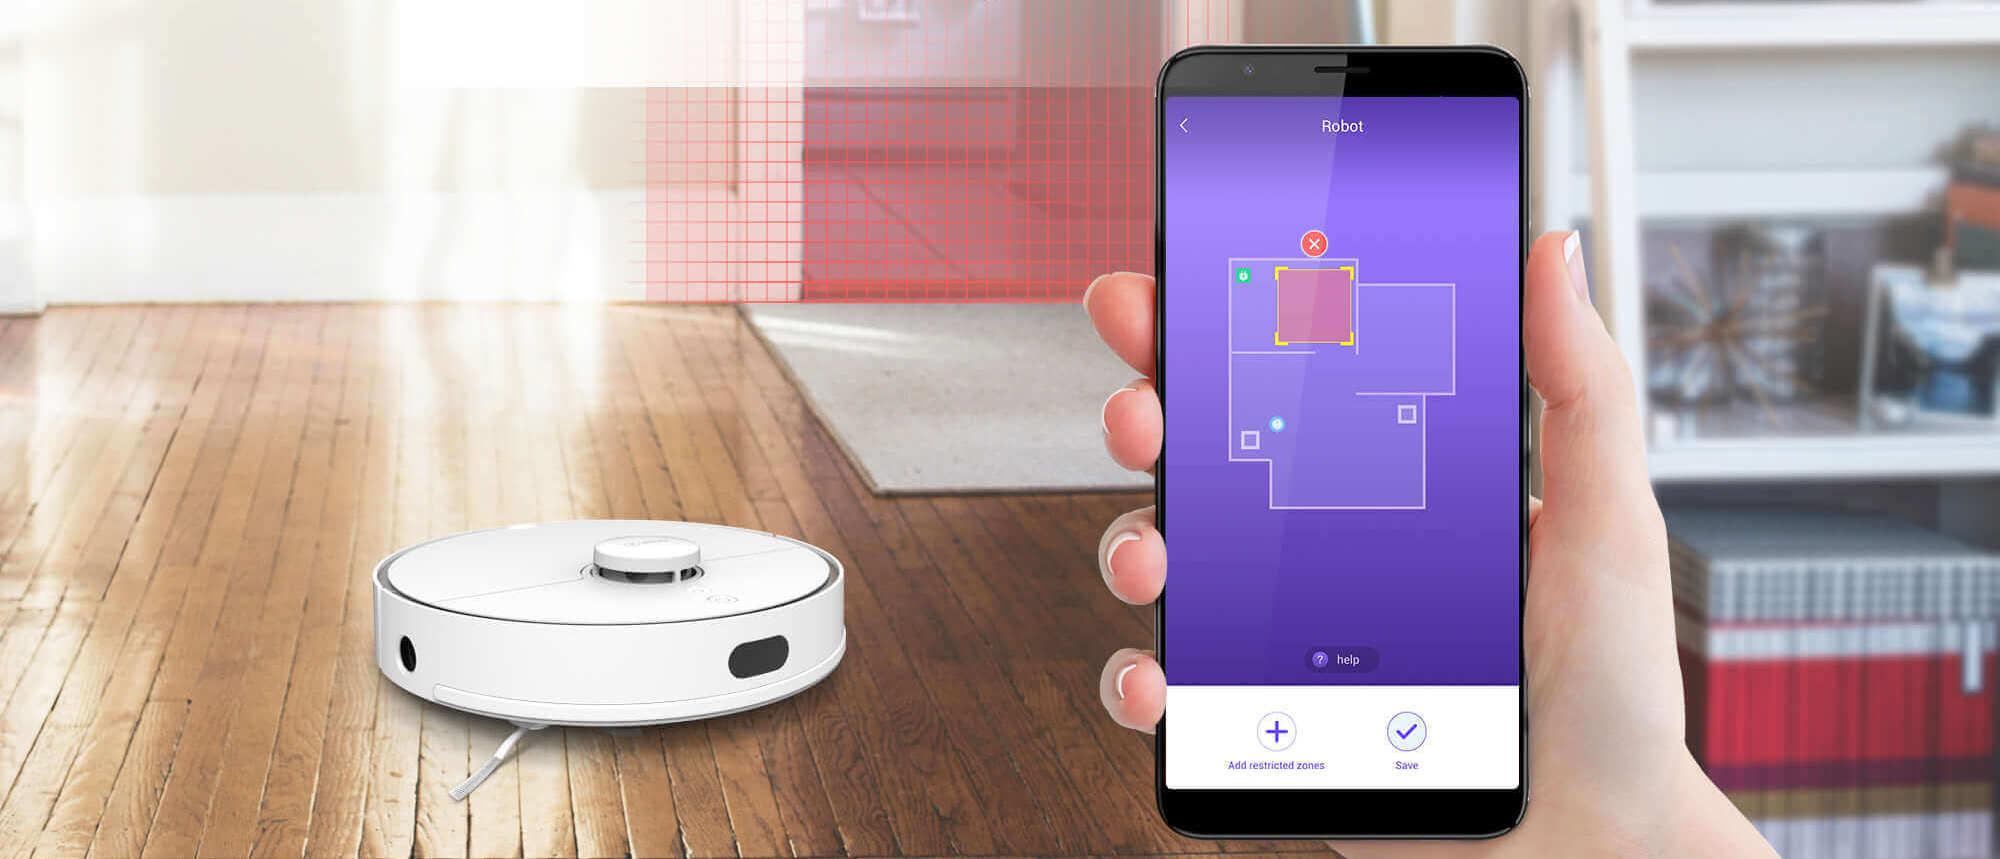 360 s5 робот - приложение, построение карты помещения